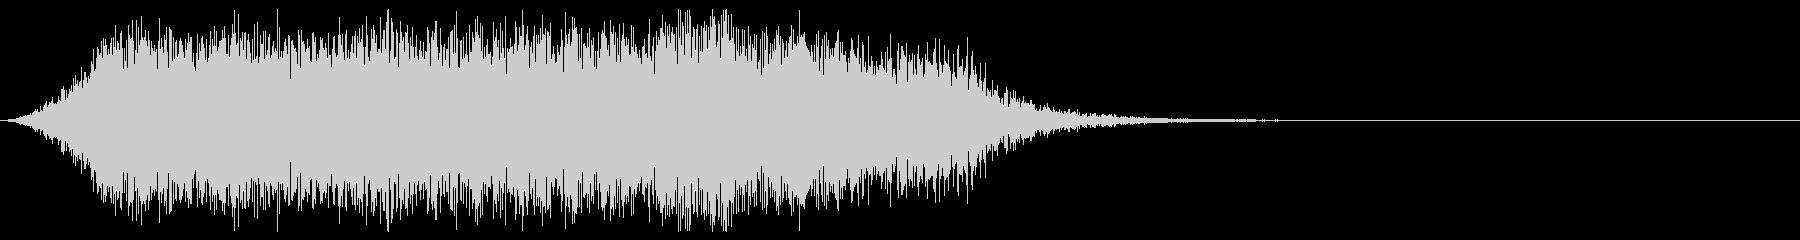 「ヴァ゙ァ゙ァ゙ー」モンスター叫び声/1の未再生の波形